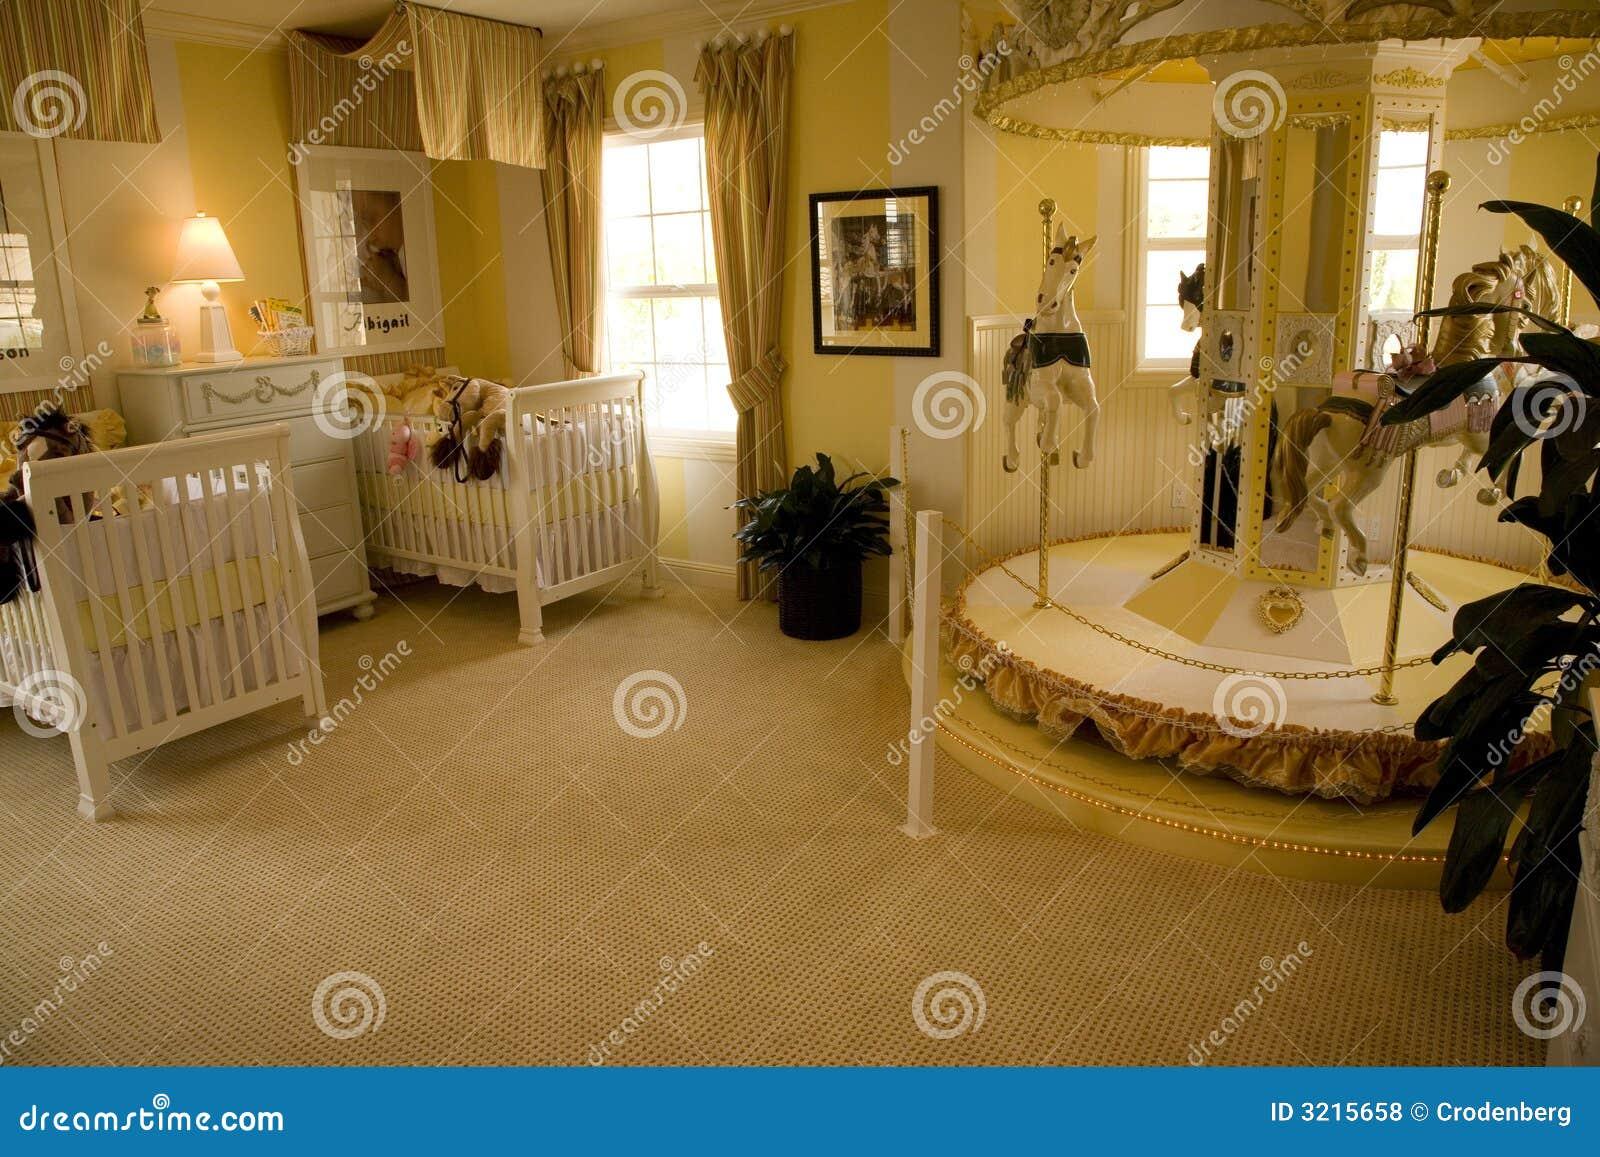 Slaapkamer 1632 van de baby stock foto afbeelding 3215658 - Baby slaapkamer ...